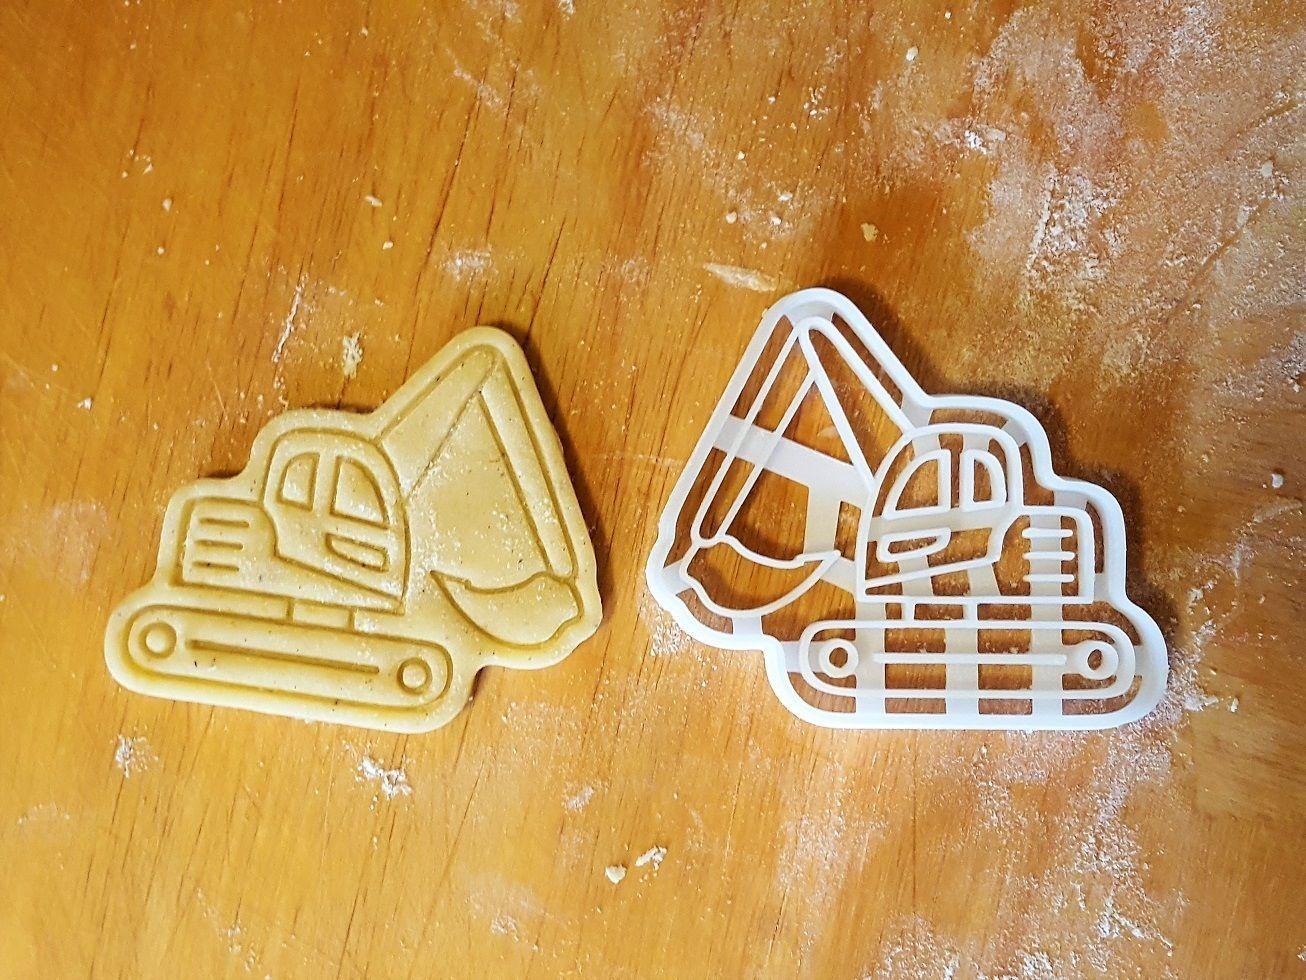 Excavator cookie cutter